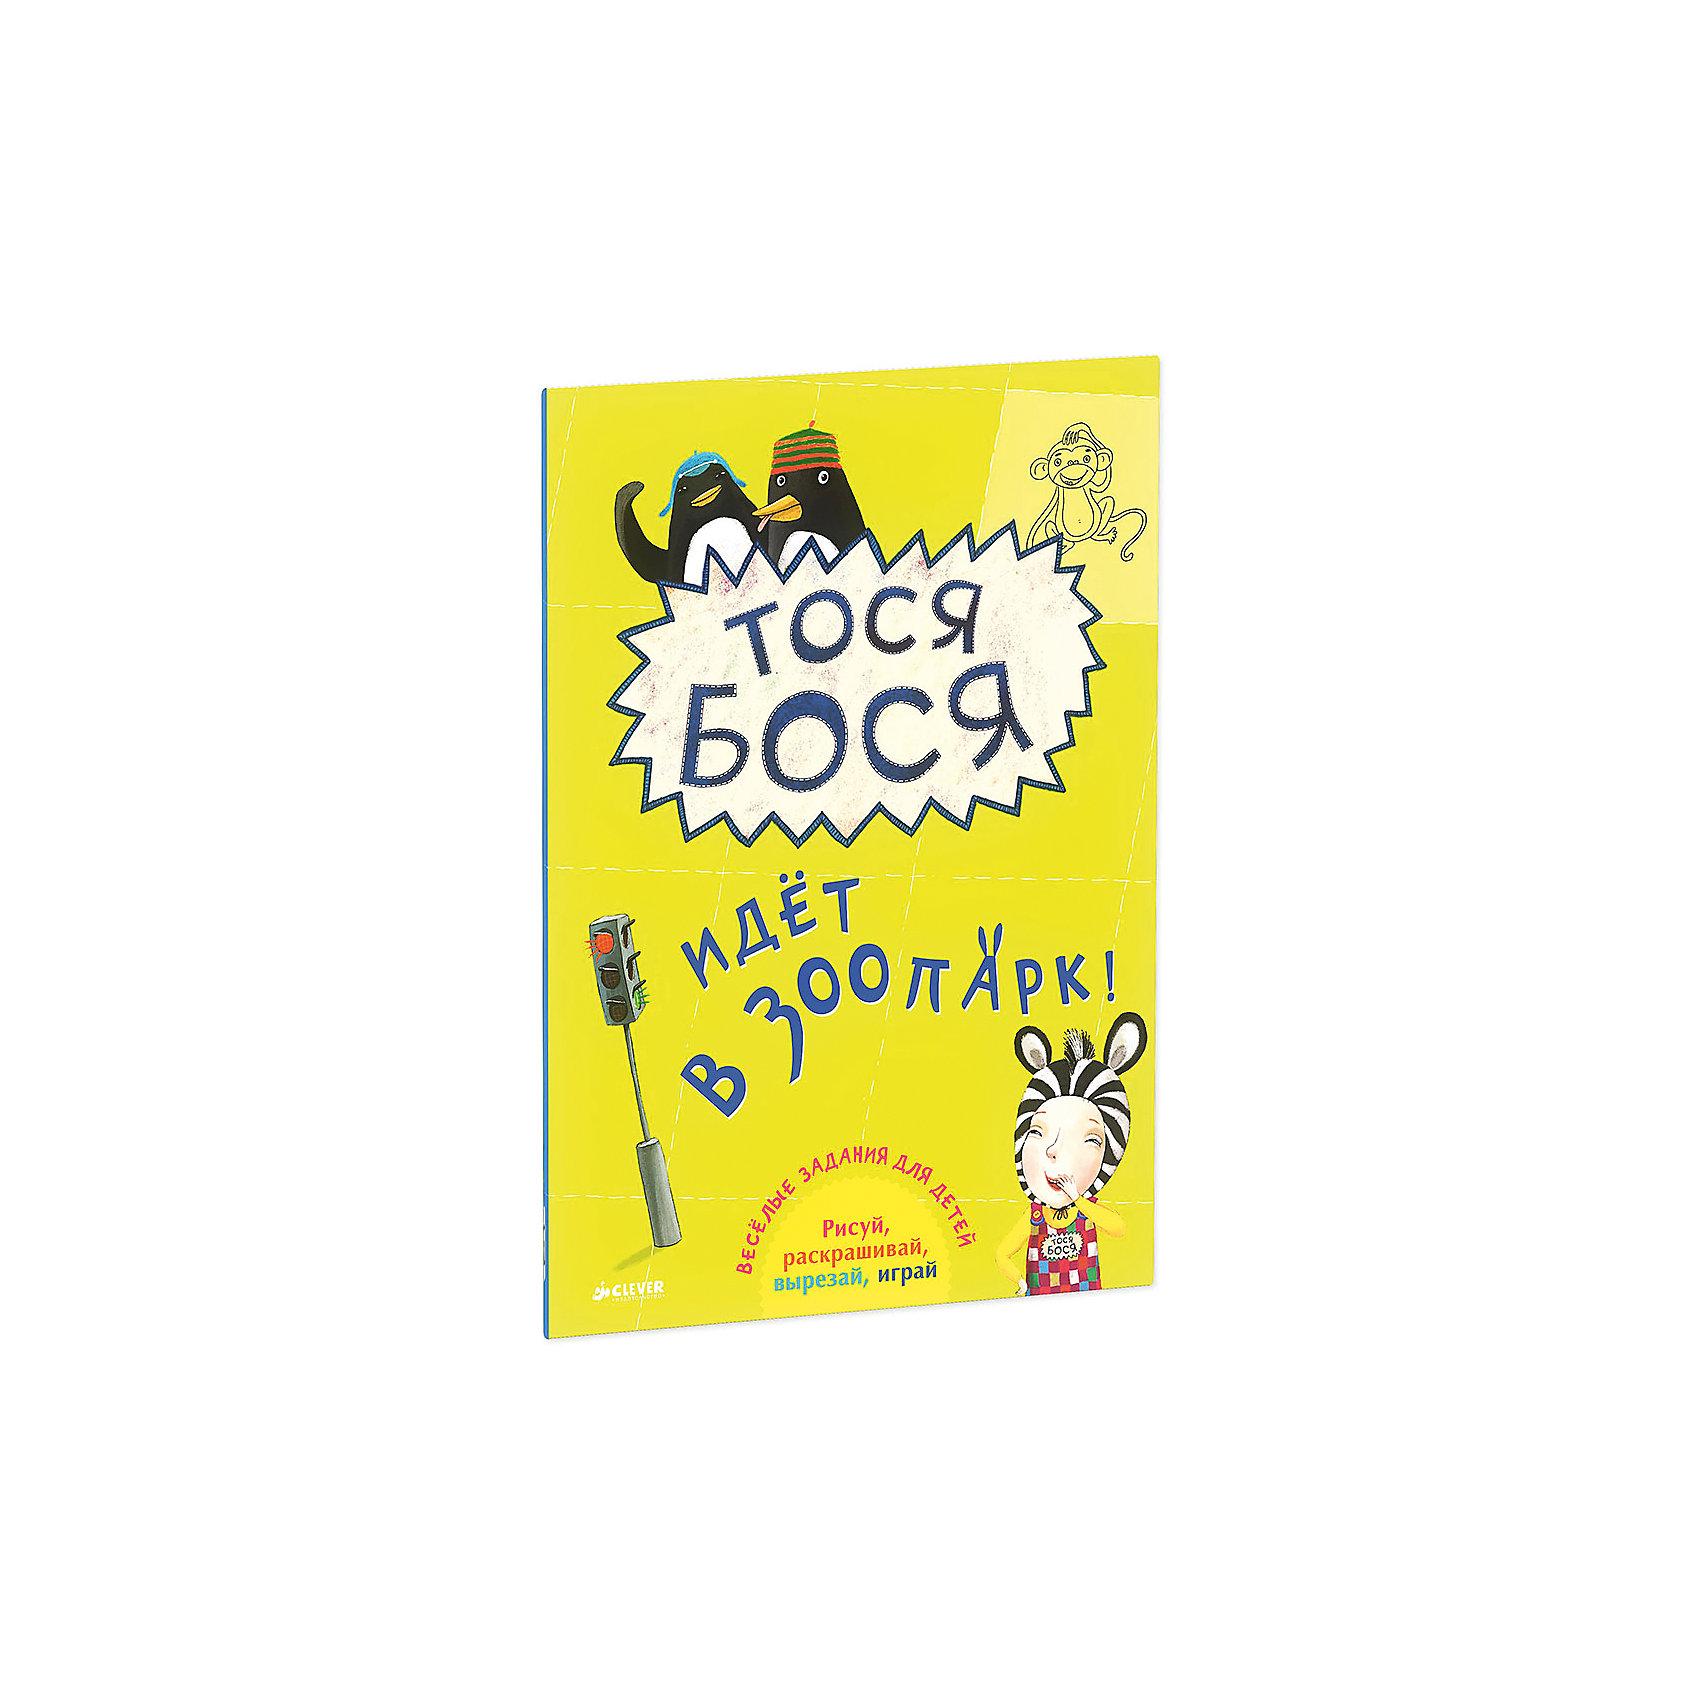 Книга с заданиями Тося-Бося идёт в зоопаркТесты и задания<br>Тося-Бося идёт в зоопарк - яркая красочная раскраска, которая порадует Вас и ваших детей весёлыми и интересными заданиями - разнообразными лабиринтами, вырезалками, весёлыми играми-ходилками и раскрасками. Милая и непоседливая упрямица Тося-Бося с первой книги полюбилась юным читателям и их родителям. На этот раз она отправляется в зоопарк, и мы приглашаем вас присоединиться к ней! Также Вы познакомитесь с обитателями зоопарка и узнаете правила дорожного движения. Развивайте фантазию, творческие способности и познавайте мир вместе с Тосей-Босей! Для детей 3-7 лет.<br><br>Дополнительная информация:<br><br>- Автор: Лина Жутауте.<br>- Художник: Лина Жутауте.<br>- Серия: Новая детская серия.  <br>- Переплет: мягкая обложка.<br>- Иллюстрации: цветные.<br>- Объем: 48 стр. <br>- Размер: 29,5 x 21,5 x 0,6 см.<br>- Вес: 0,288 кг. <br><br>Книгу с заданиями Тося-Бося идёт в зоопарк, Клевер Медиа Групп, можно купить в нашем интернет-магазине.<br><br>Ширина мм: 215<br>Глубина мм: 296<br>Высота мм: 8<br>Вес г: 288<br>Возраст от месяцев: 48<br>Возраст до месяцев: 72<br>Пол: Унисекс<br>Возраст: Детский<br>SKU: 4544940